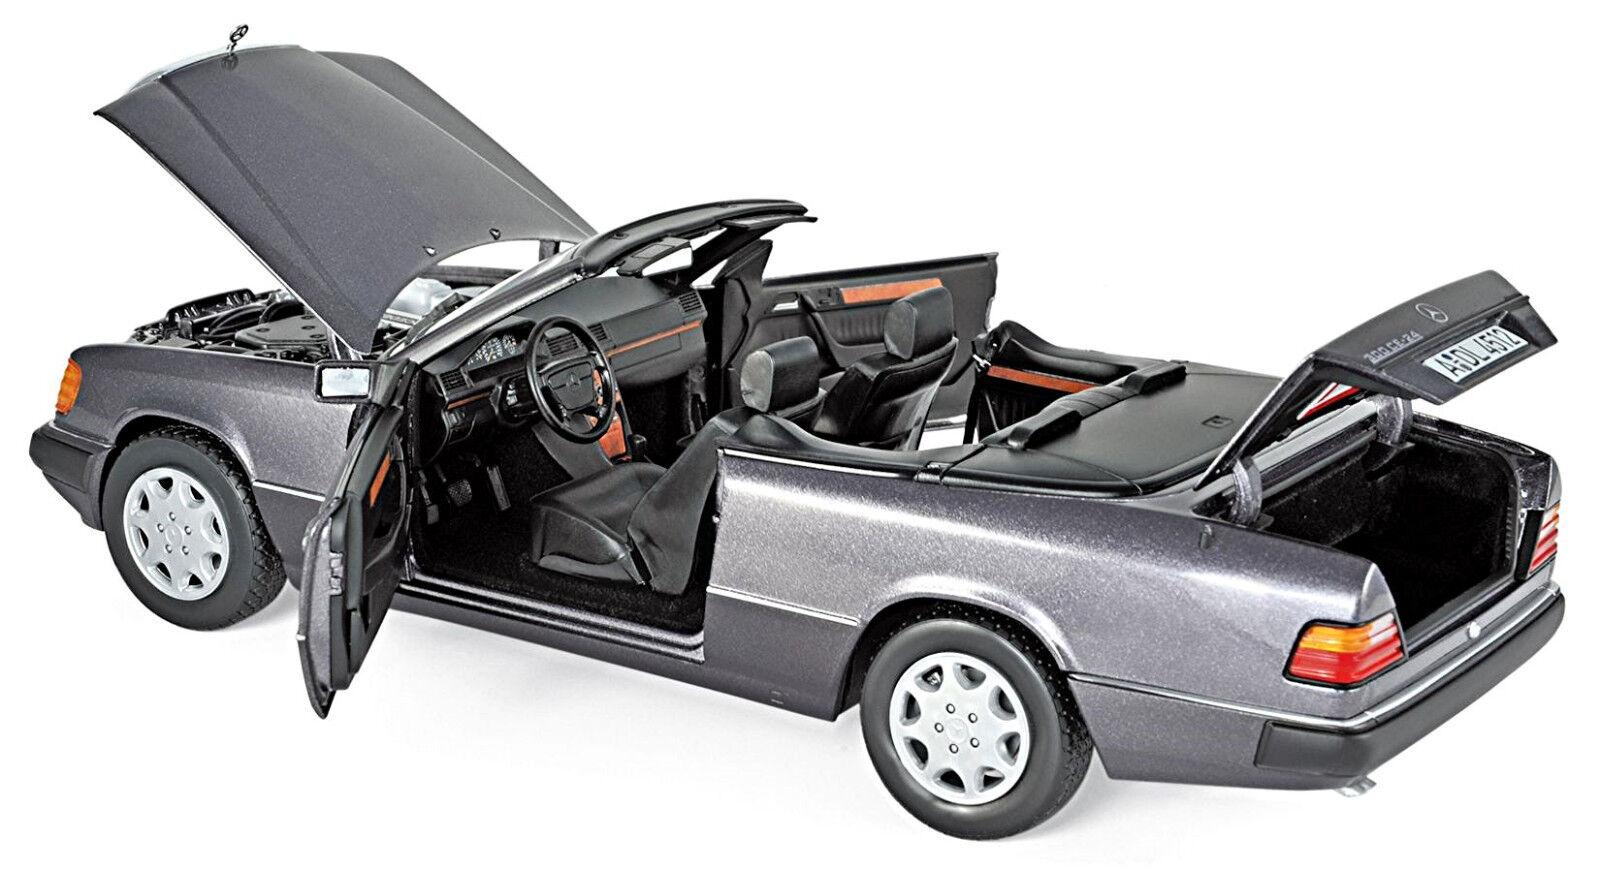 Mercedes-Benz 300 Ce a124 Cabriolet 1991-93 Bornite Métallisé  1 18 Norev  en solde 70% de réduction